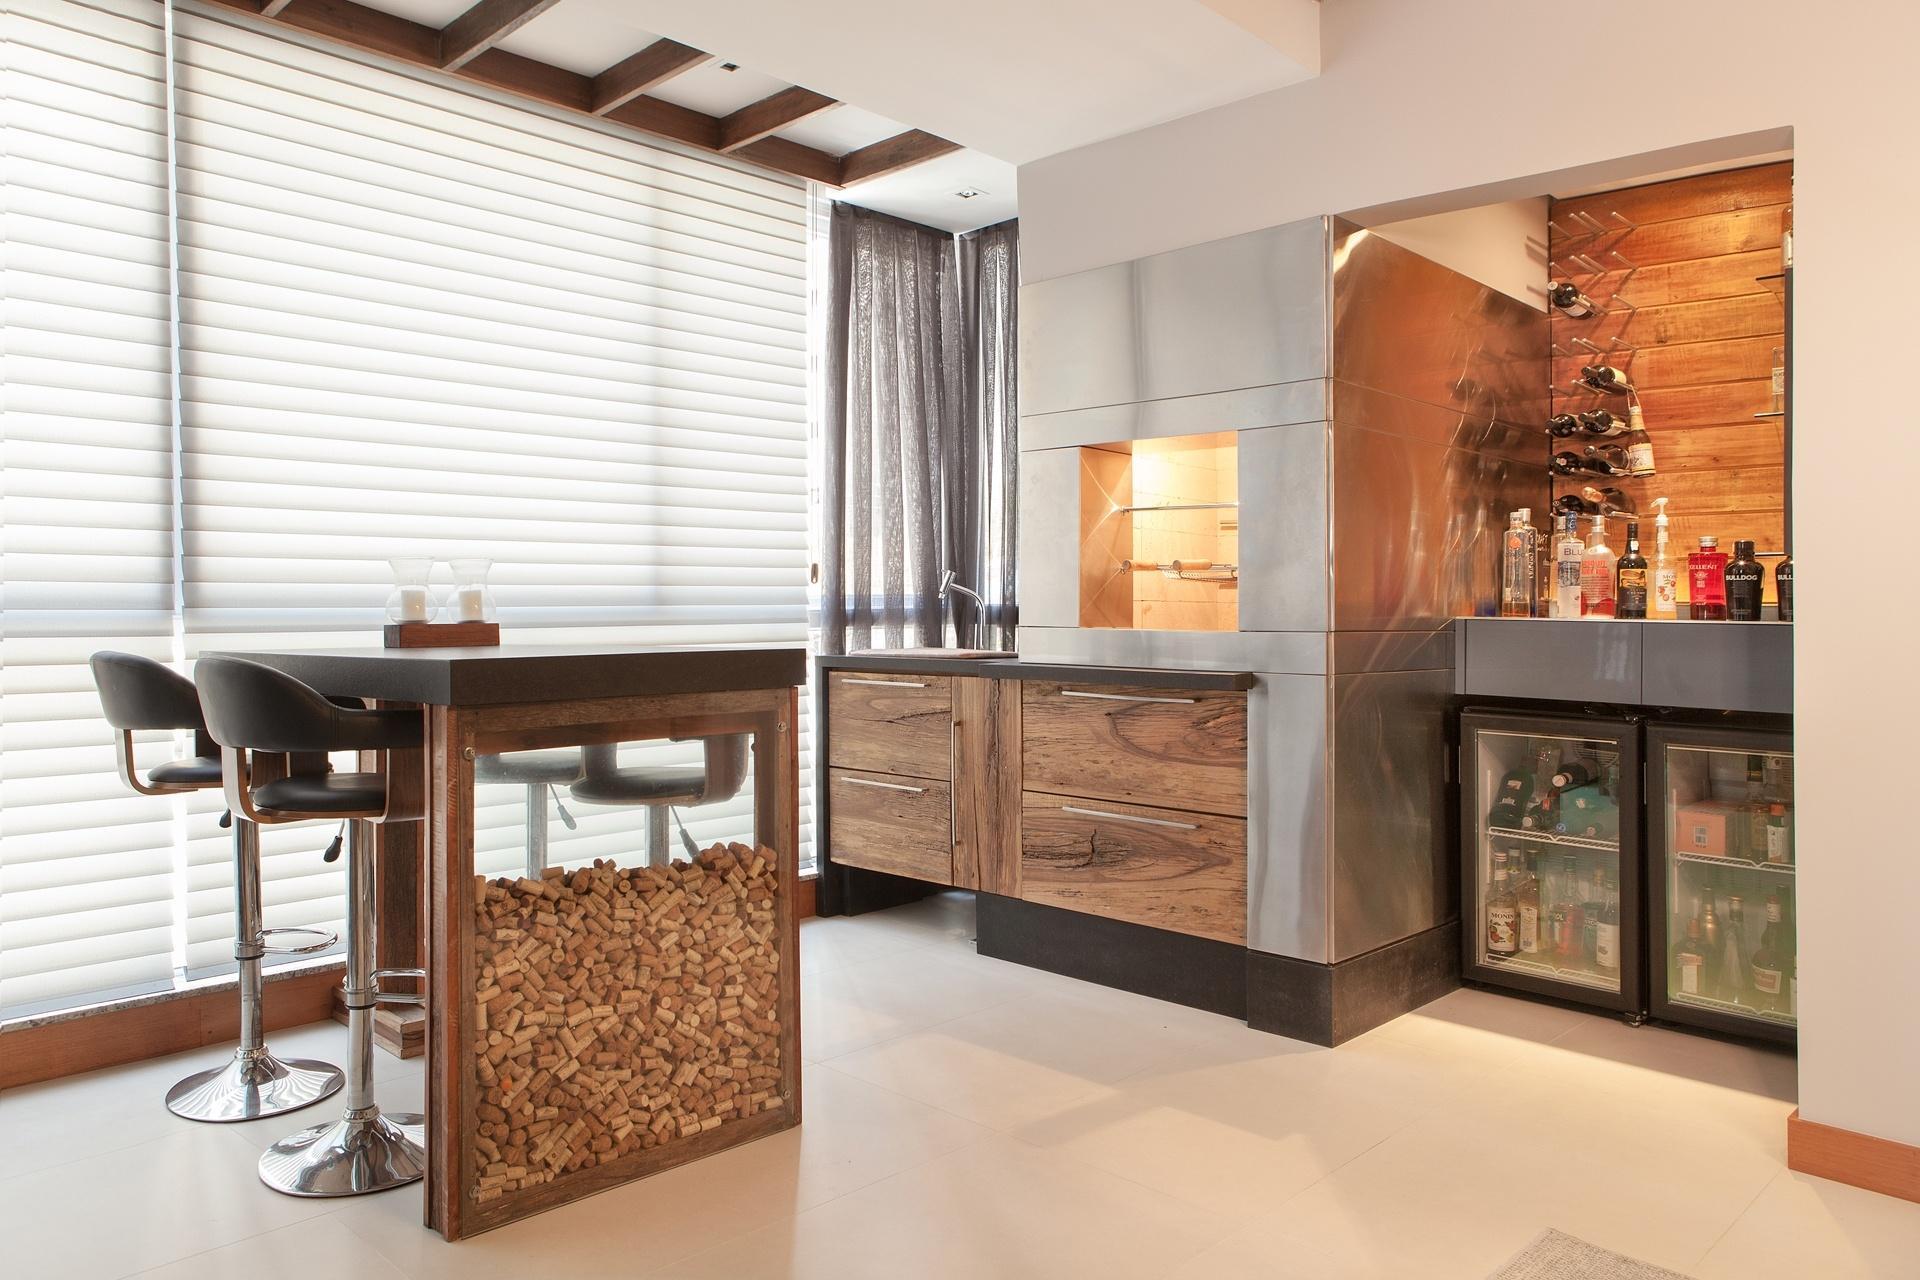 de madeira de demolição acomoda a adega e um pequeno bar. O O #A73824 1920x1280